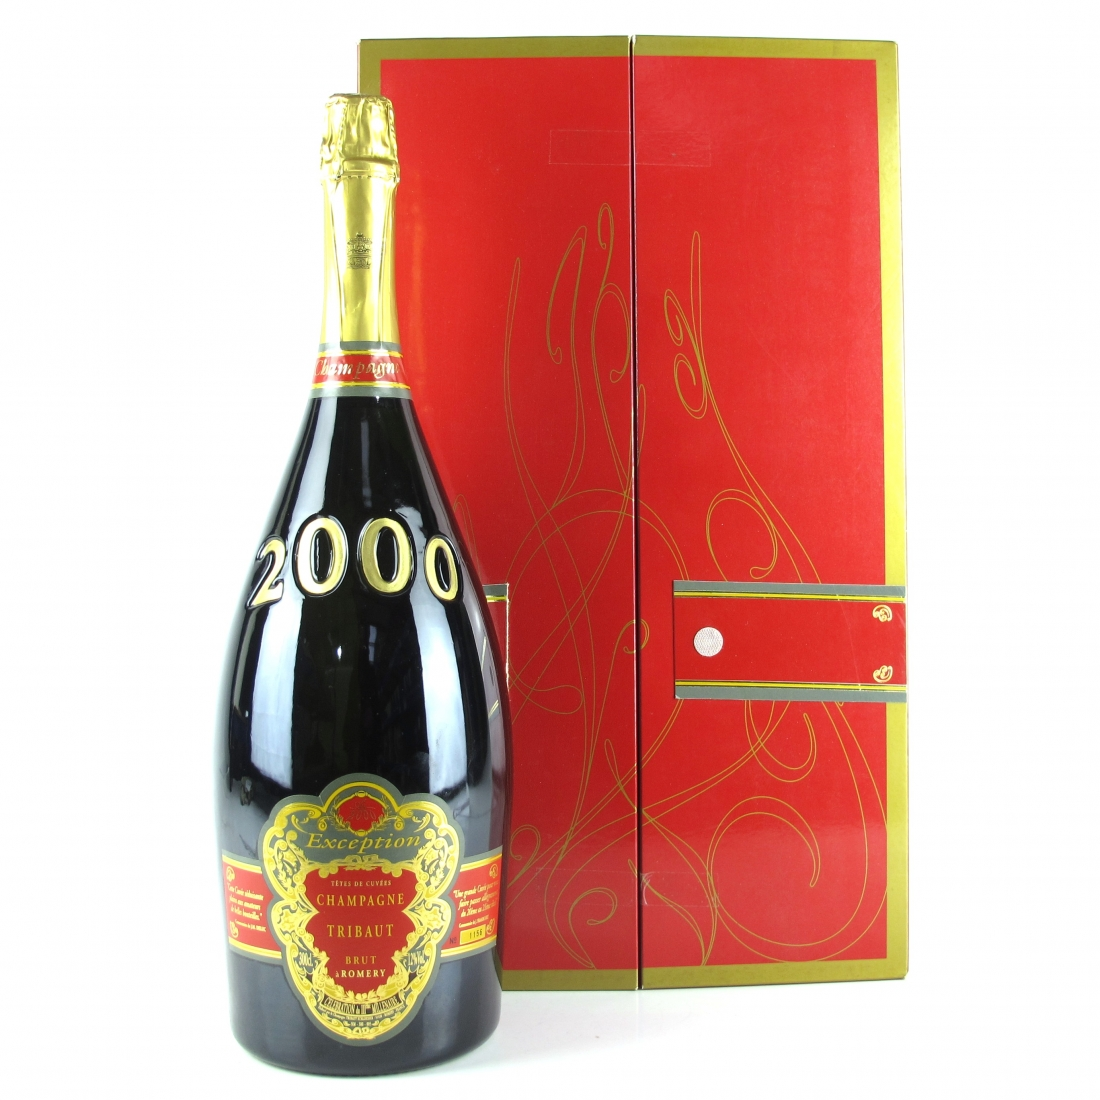 """Tribaut """"Exception"""" Brut Vintage 2000 Champagne 300cl"""